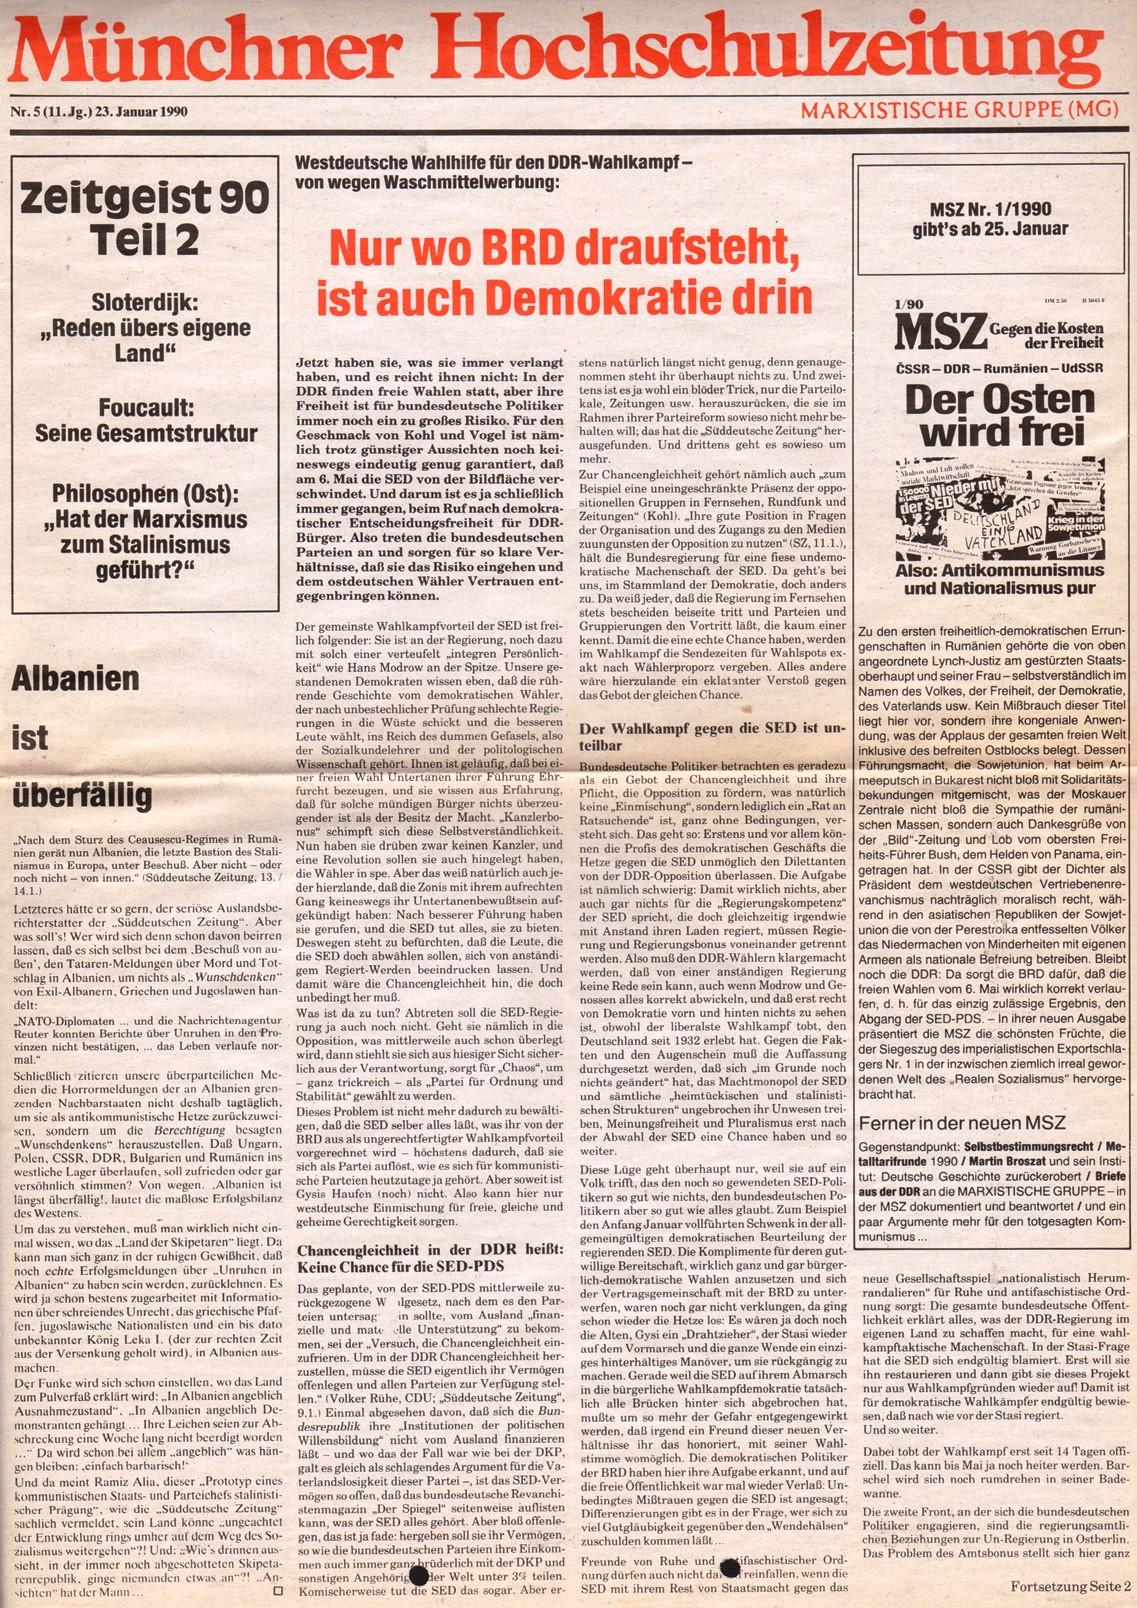 Muenchen_MG_Hochschulzeitung_19900123_01